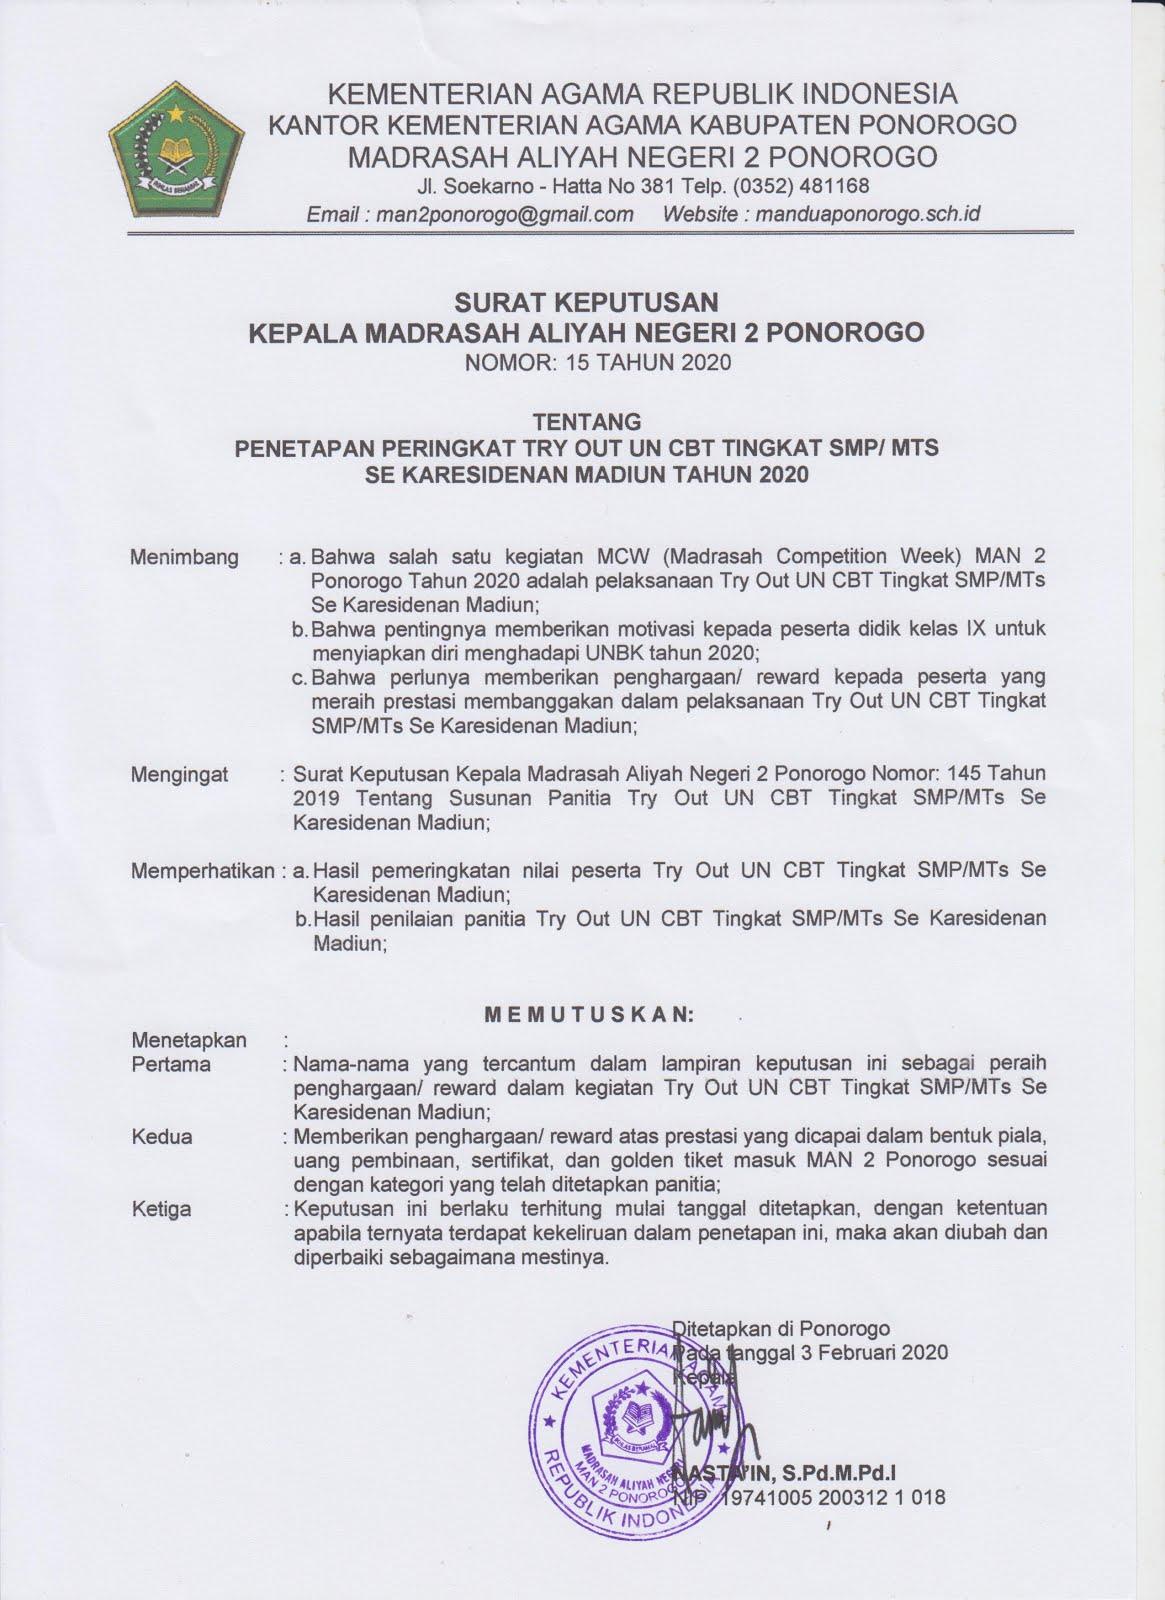 Hasil Tryout UN CBT Tingkat SMP/MTs Se-Karesidenan Madiun